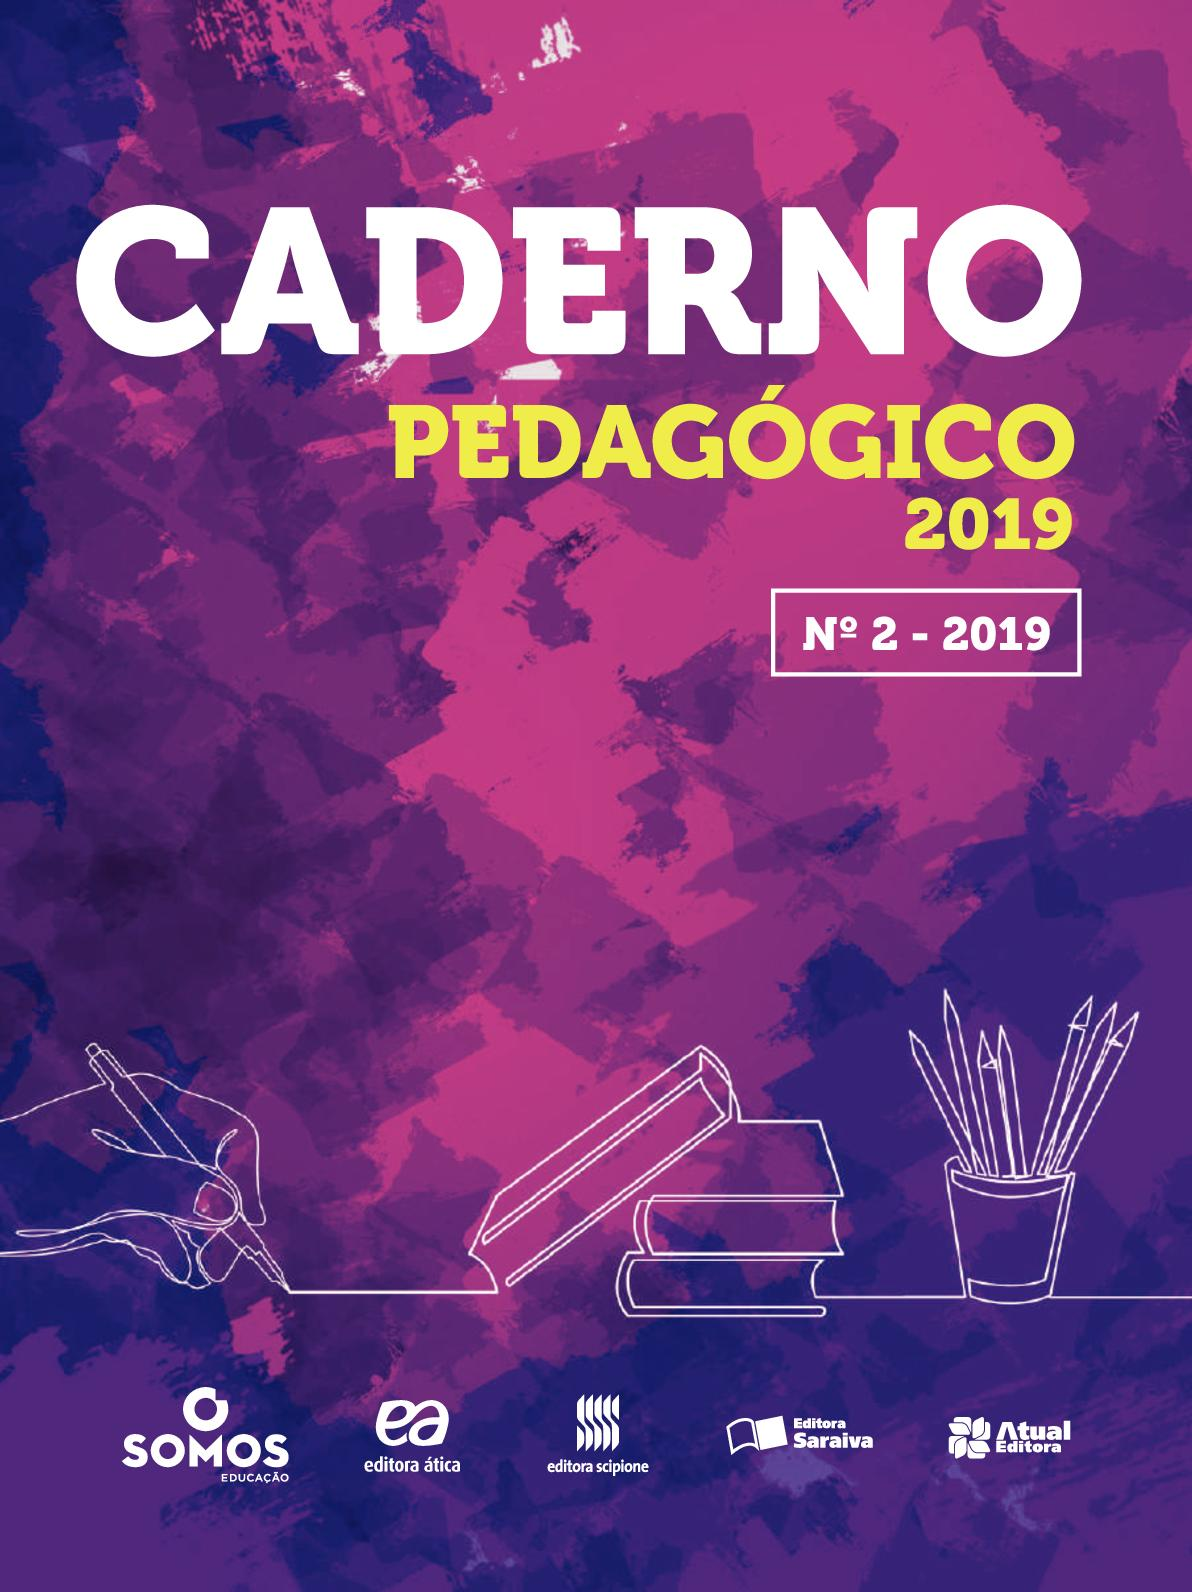 Caderno Pedagogico 2019